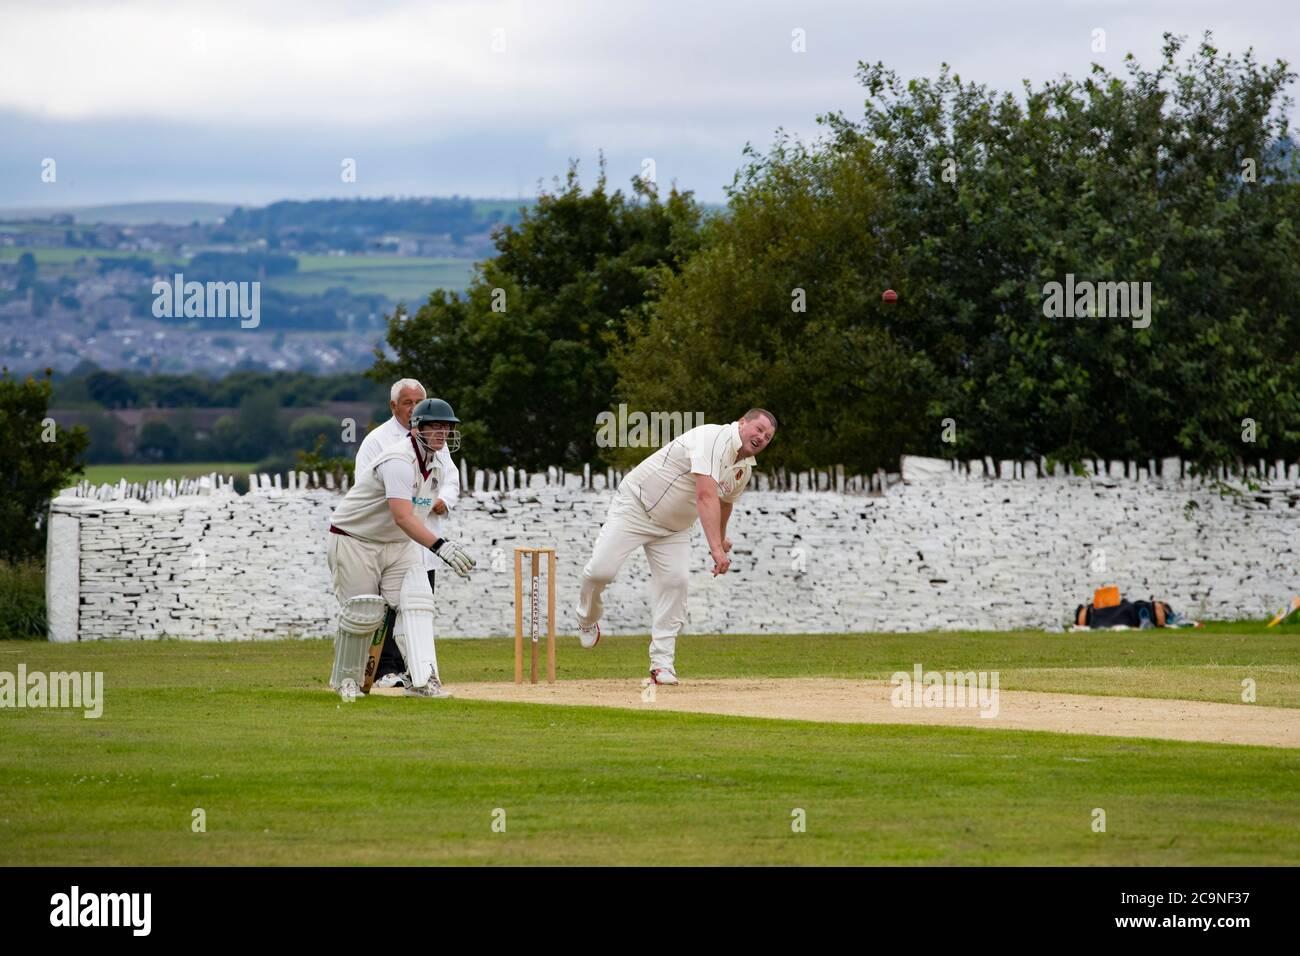 Un jugador de bolos de ritmo medio en un partido de críquet de la aldea bowling una entrega y ser observado por el árbitro y bateador no-llamativo Foto de stock